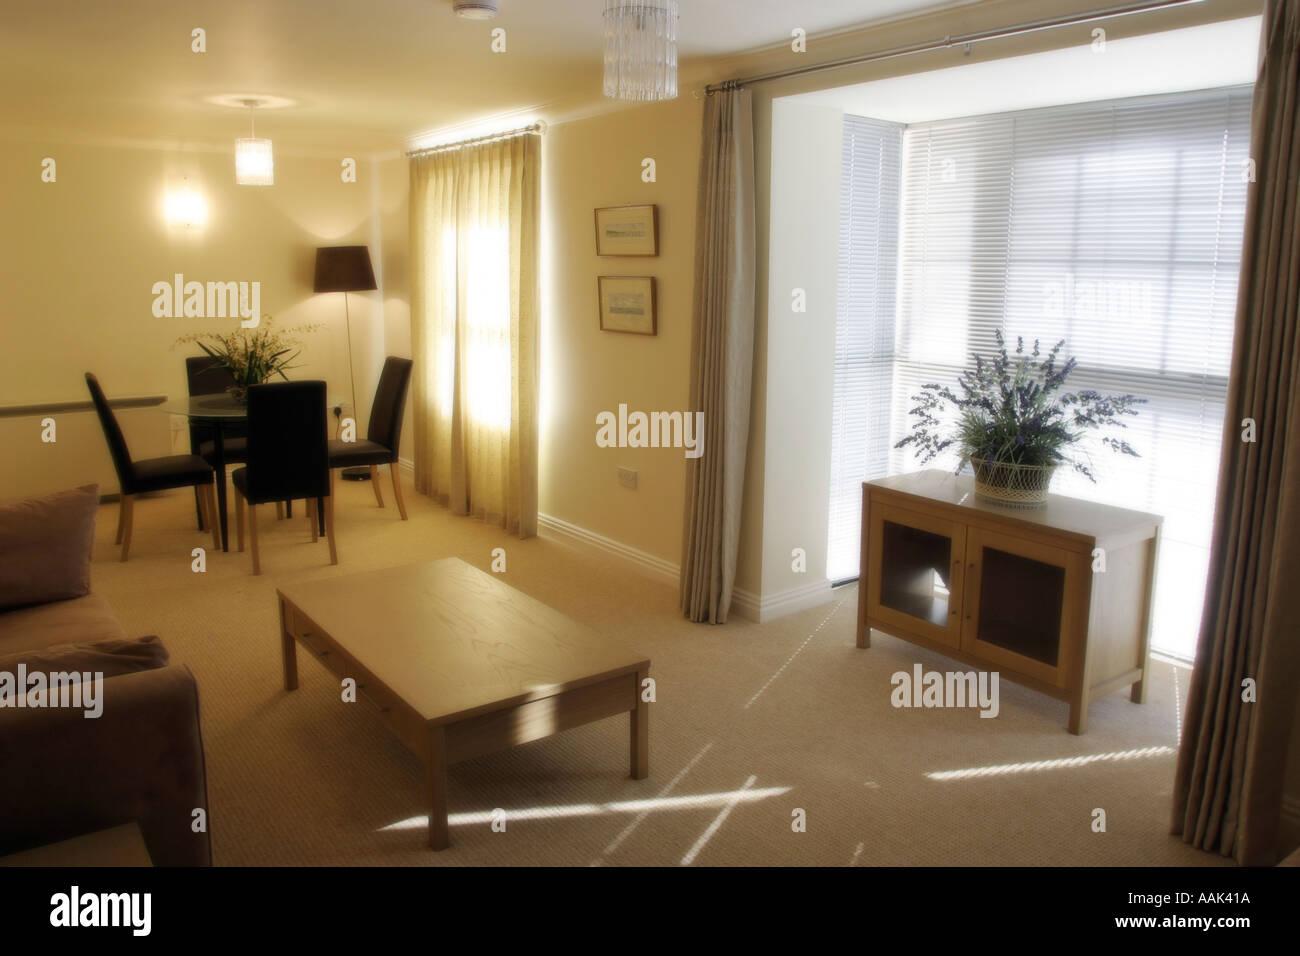 Wohnzimmer Moderne Wohnung England Englisch Wohnzimmer